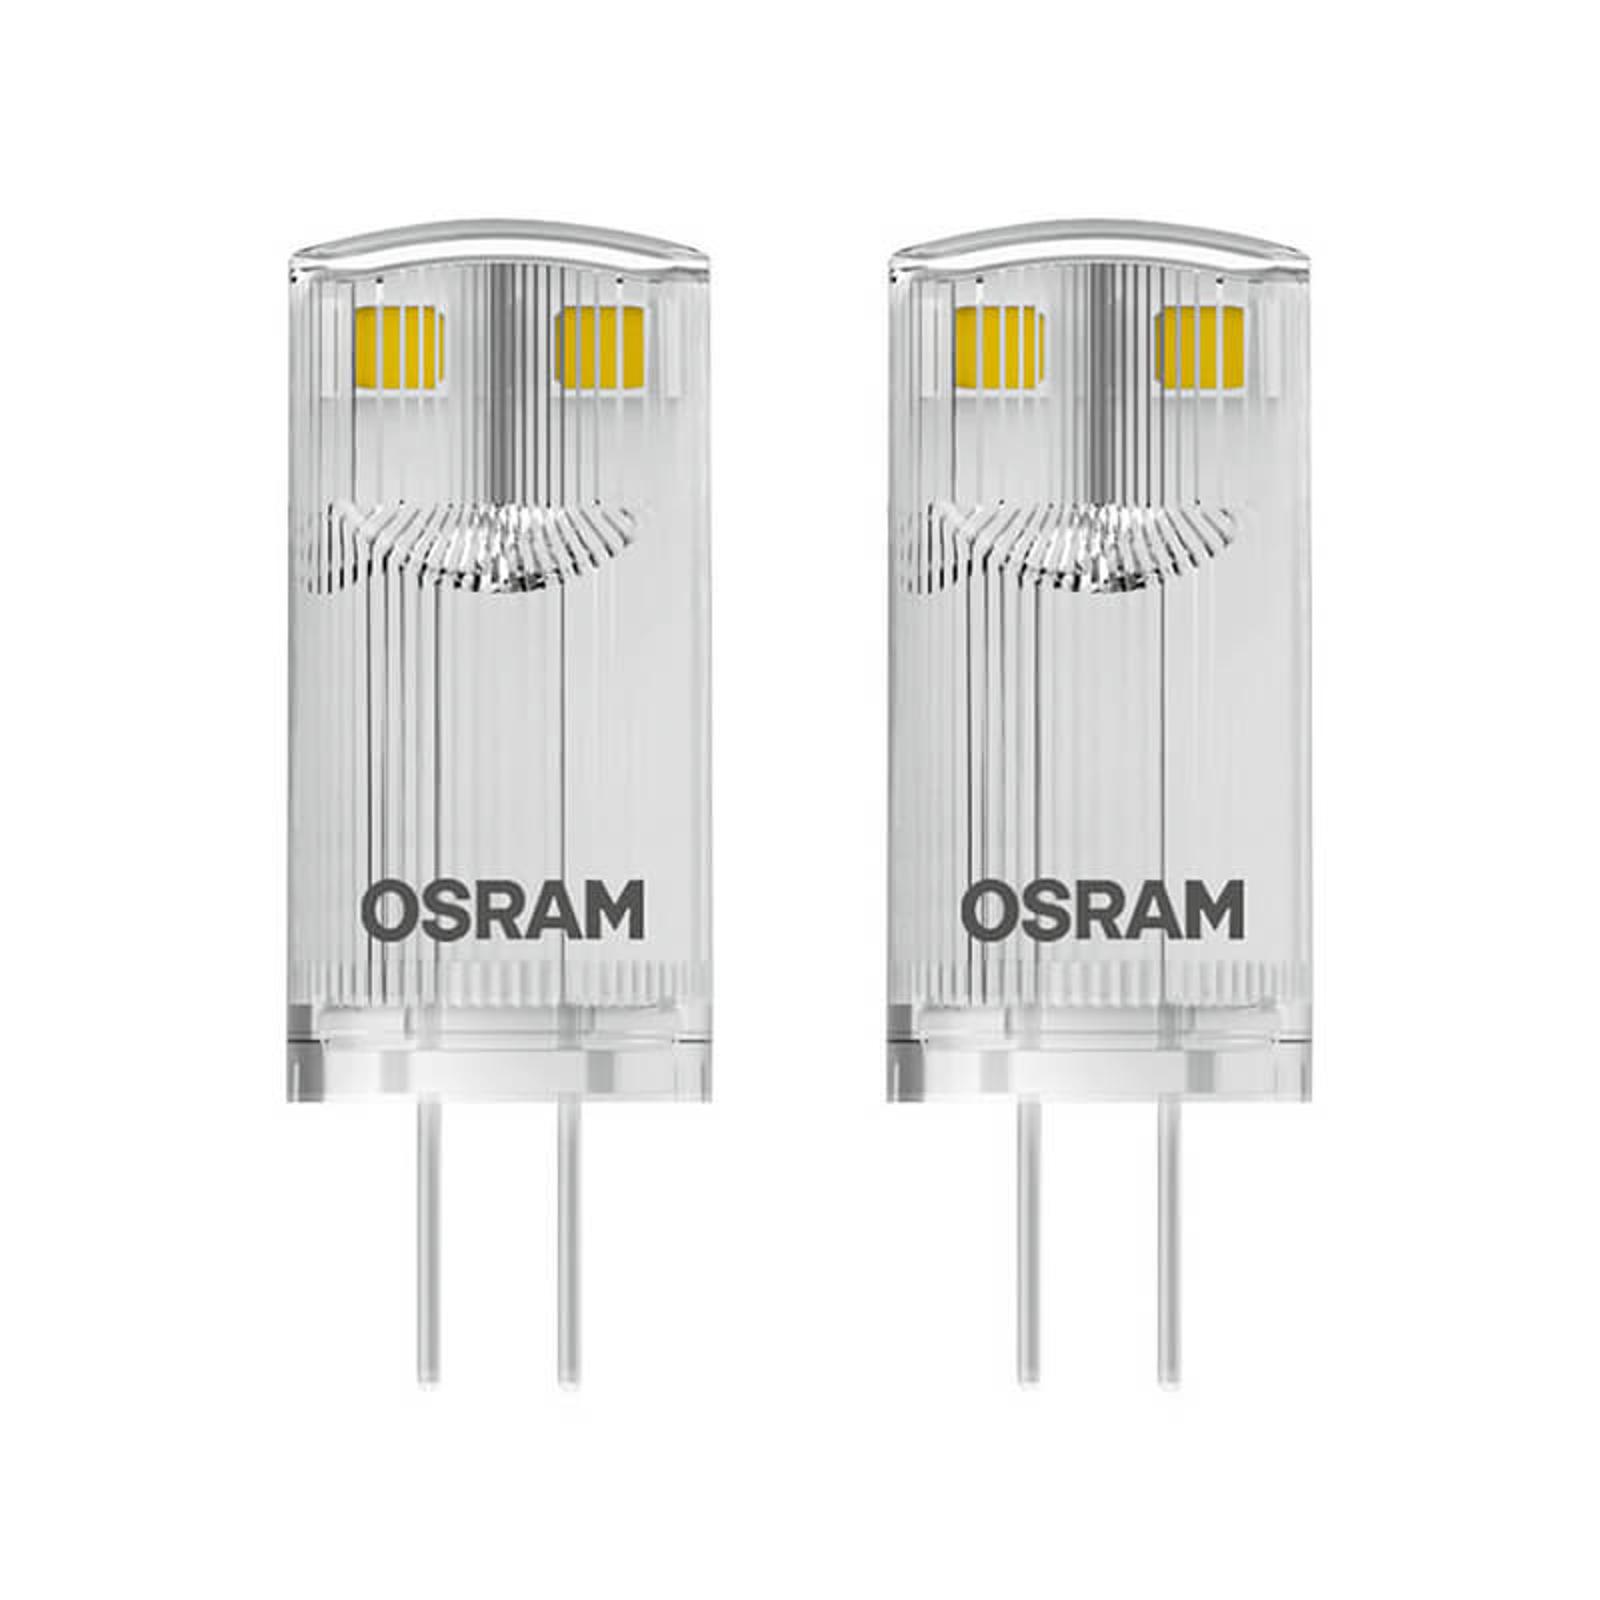 LED-stiftpære G4 0,9 W 827, 2-er-sett